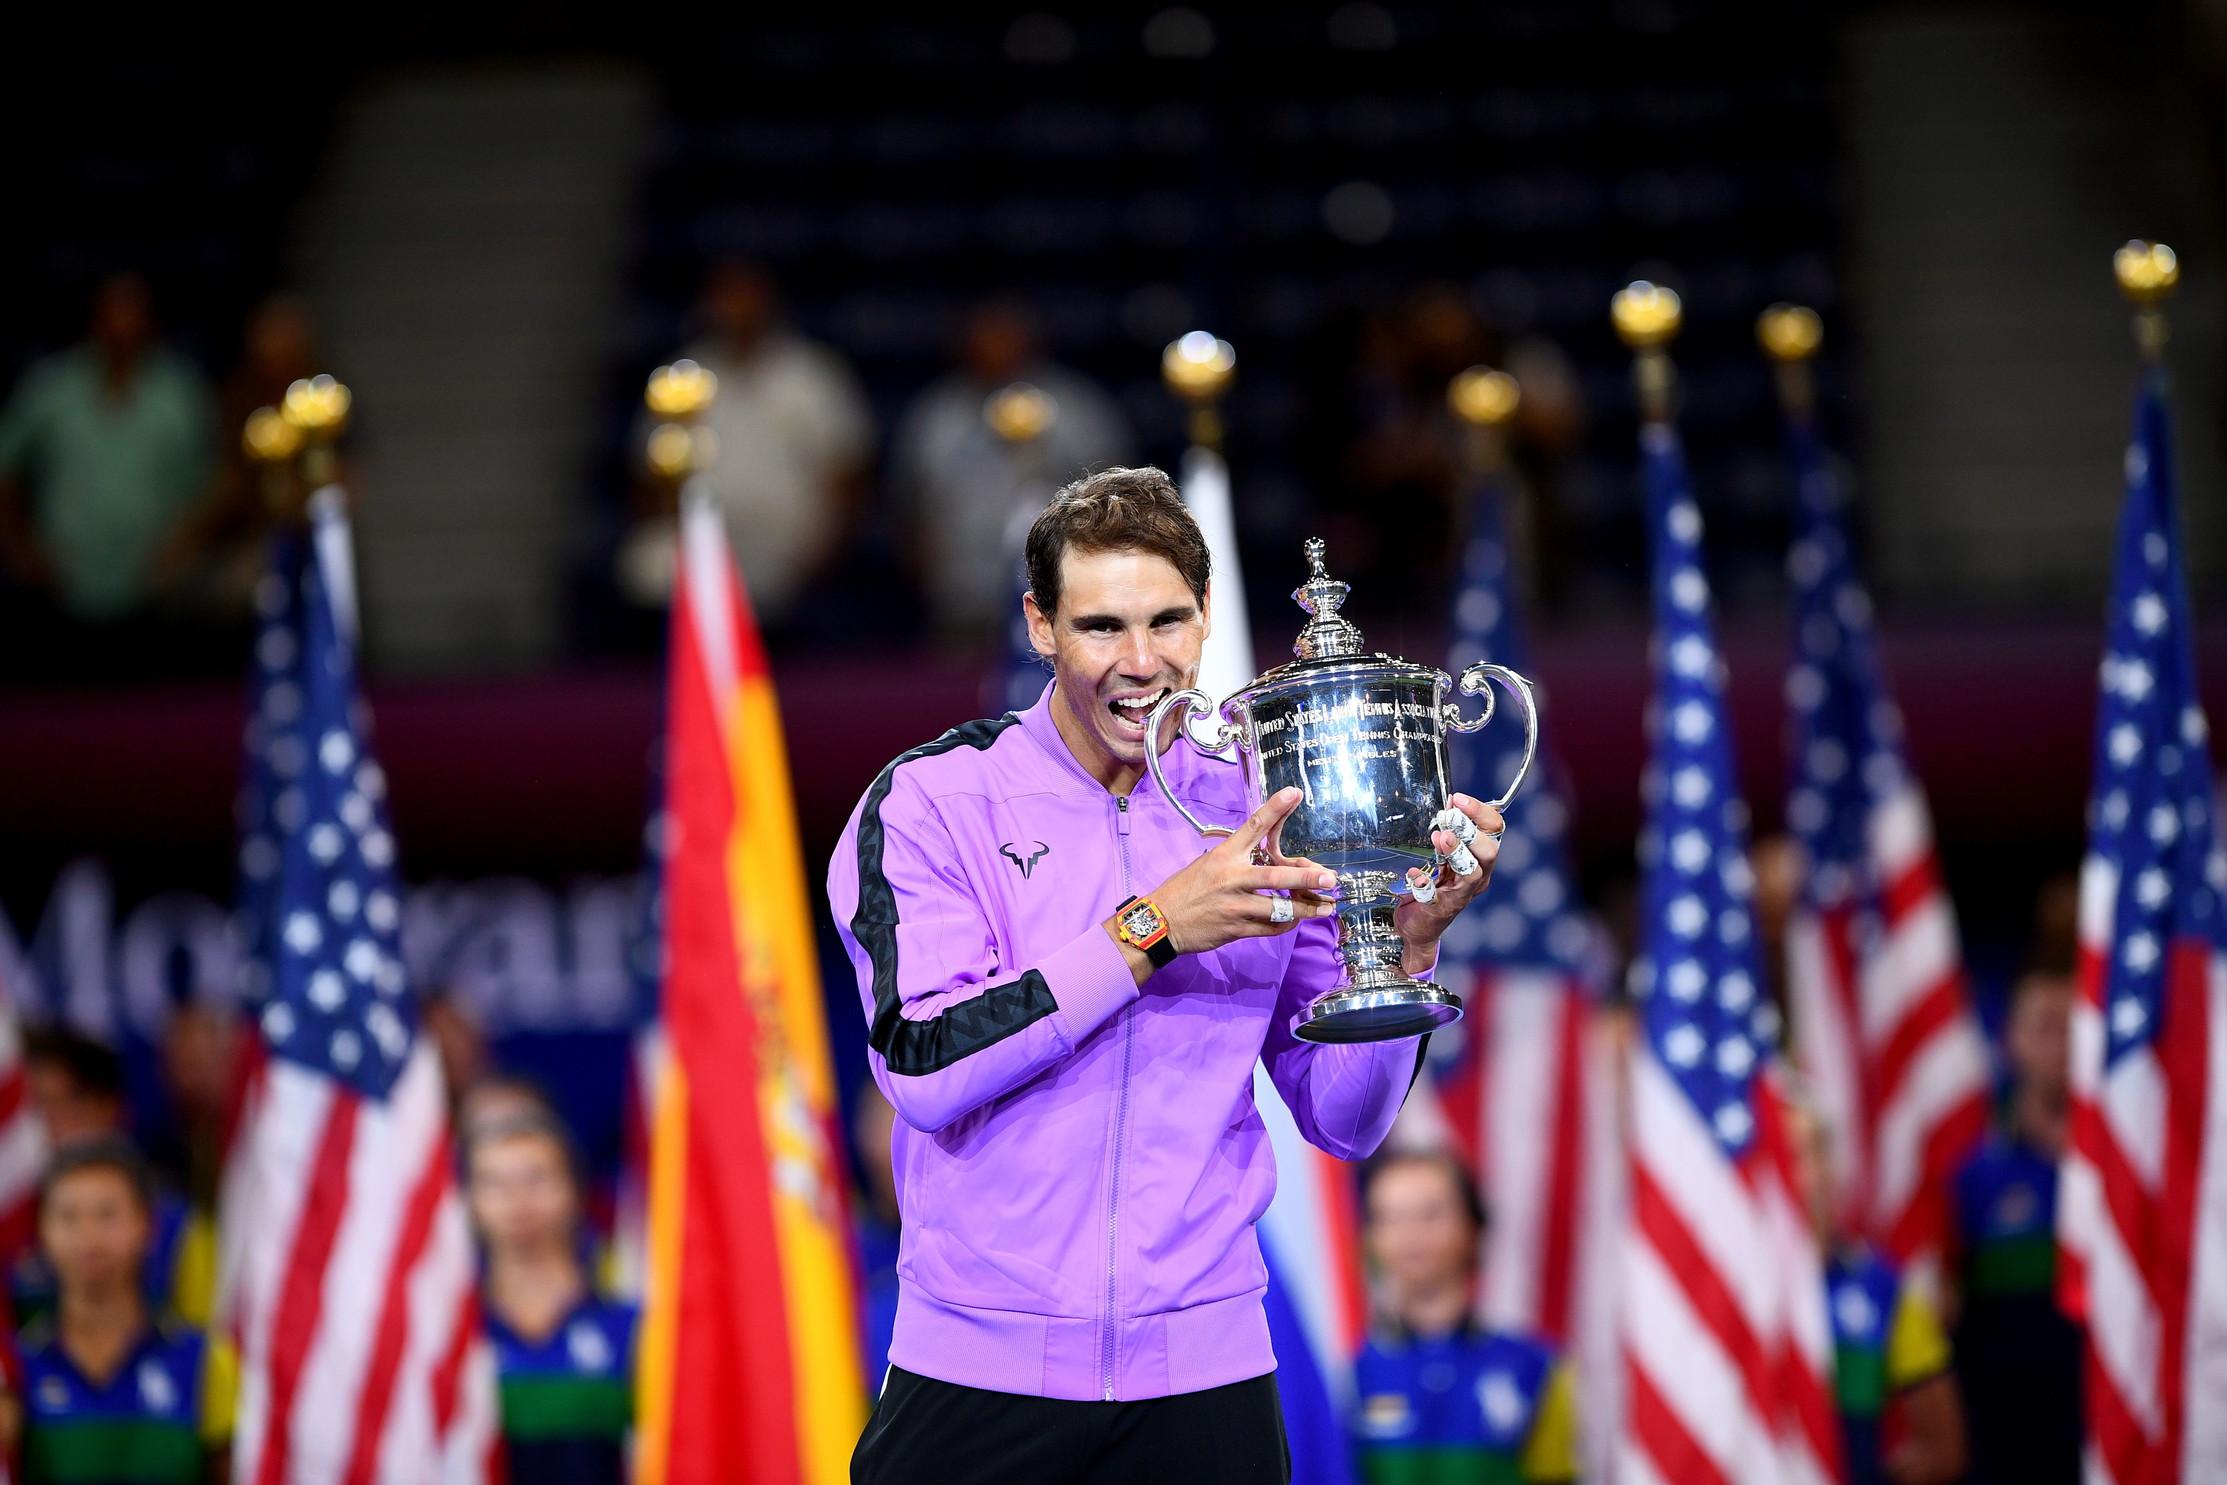 Il trionfo di Rafa Nadal. Lo spagnolo batte&nbsp;il russo Daniil Medvedev vincendo agli Us Open il suo 19&deg;&nbsp;titolo di Grande Slam. Un successo che avvicina il 33enne al record di 20 tornei major vinti in carriera da Roger Federer. Il successo &egrave; arrivato dopo una combattutissima partita durata 4 ore e 50 minuti, e conclusa con un punteggio 7-5, 6-3, 5-7, 4-6, 6-4. Per il 23enne Medvedev sarebbe stata la prima vittoria in un grande Slam. Non ce l&#39;ha fatta ma ha tenuto il campione sul filo fino al quinto set.<br /><br />